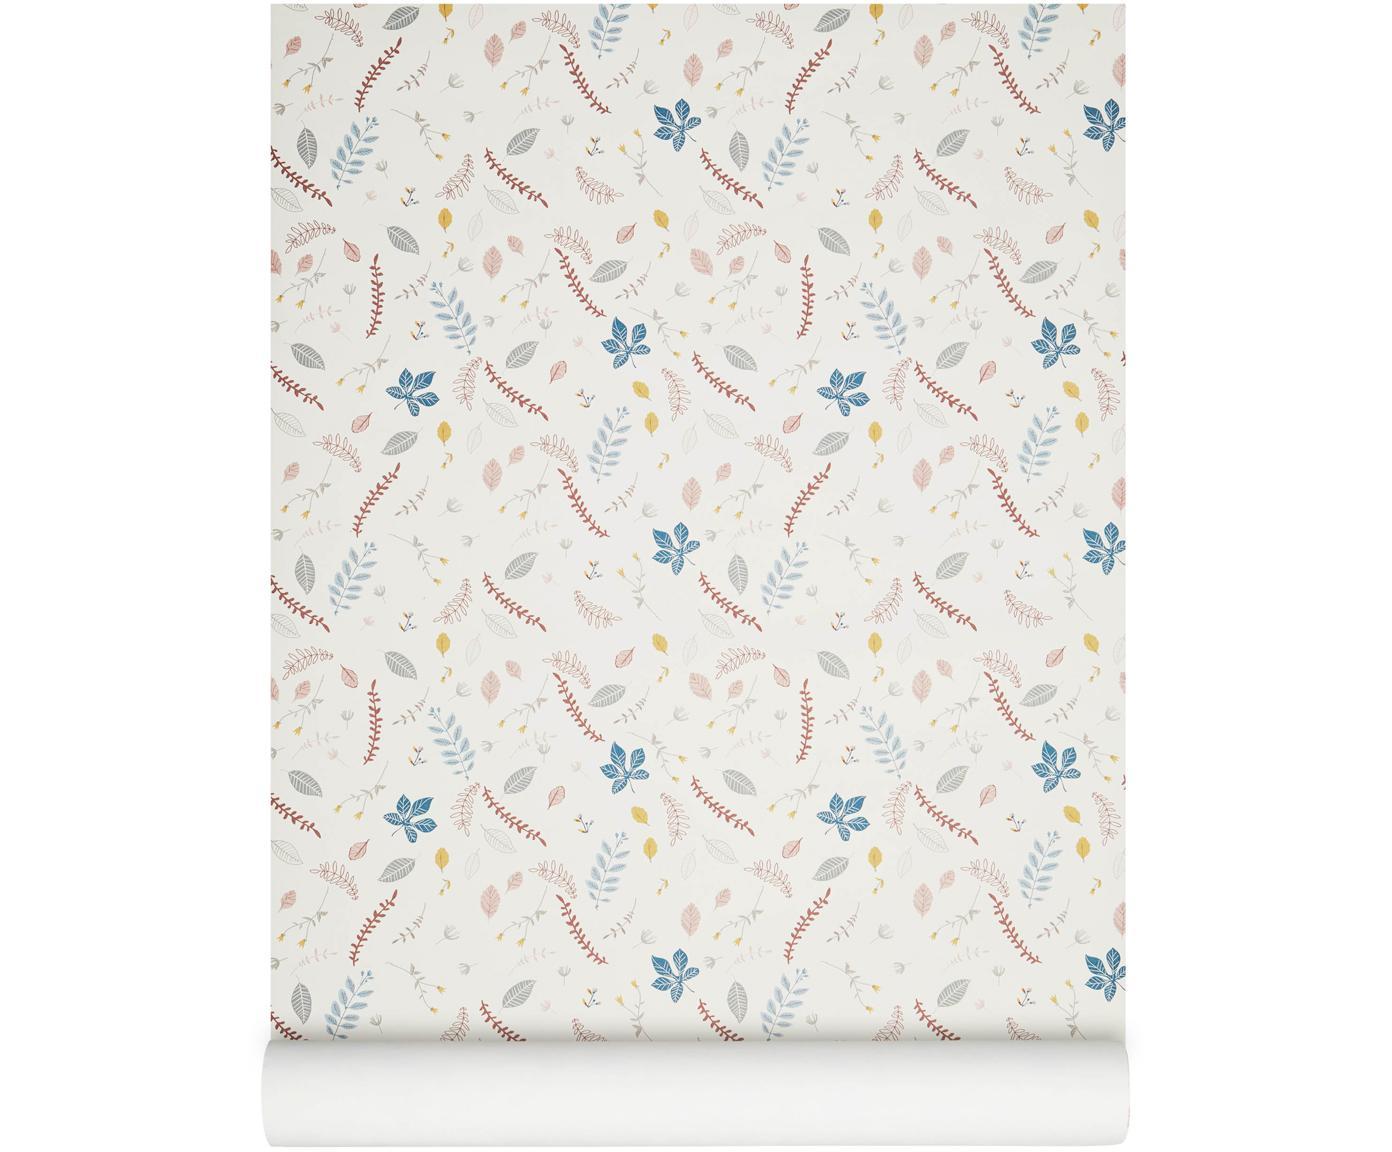 Tapeta Pressed Leaves, Papier, Kremowy, blady różowy, niebieski, szary, żółty, S 53 x D 1005 cm